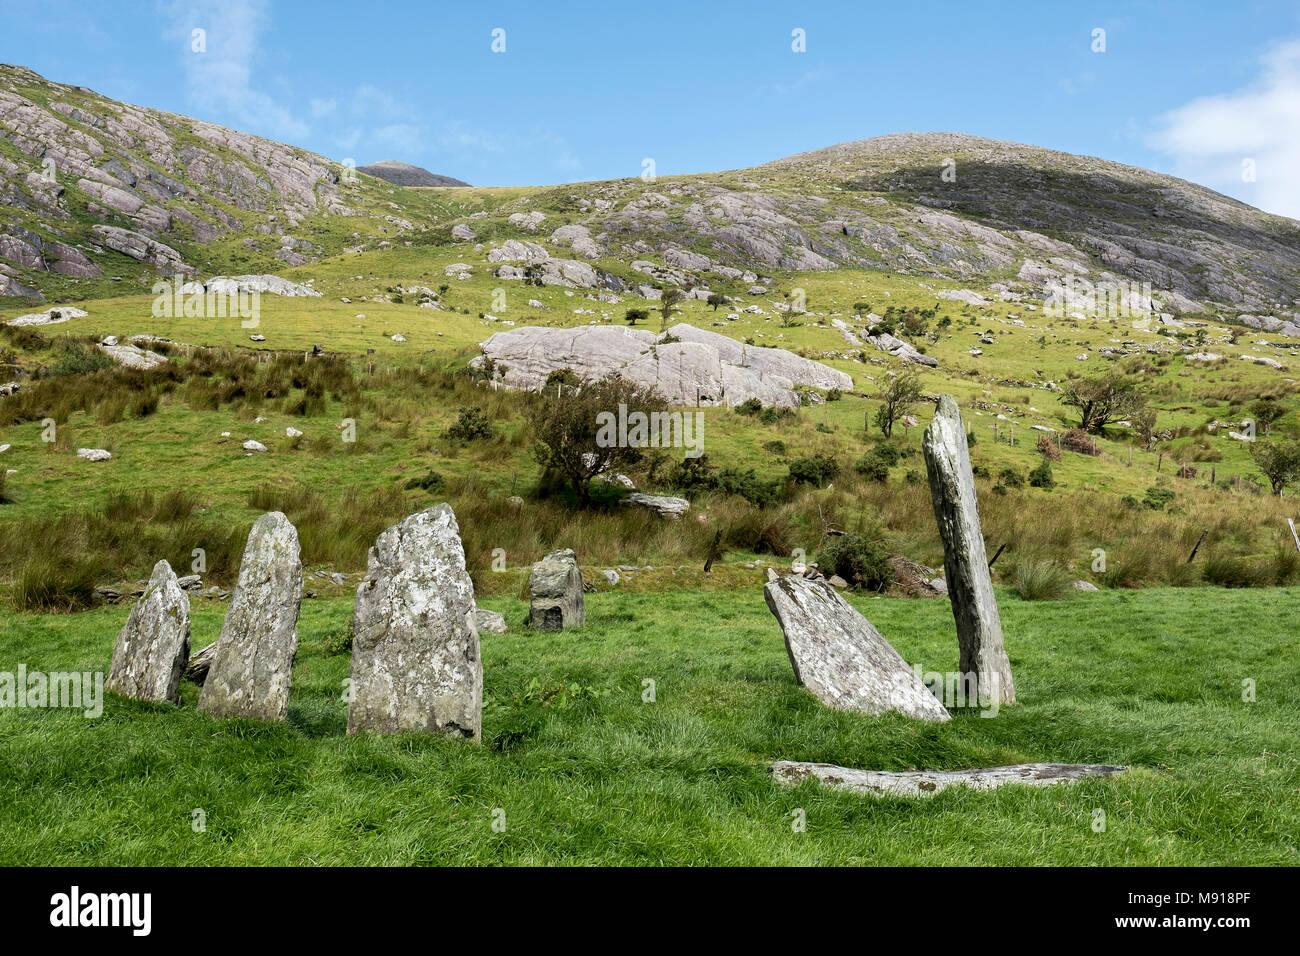 Ireland. Cashelkeelty Stone Circle. Beara Peninsula. - Stock Image